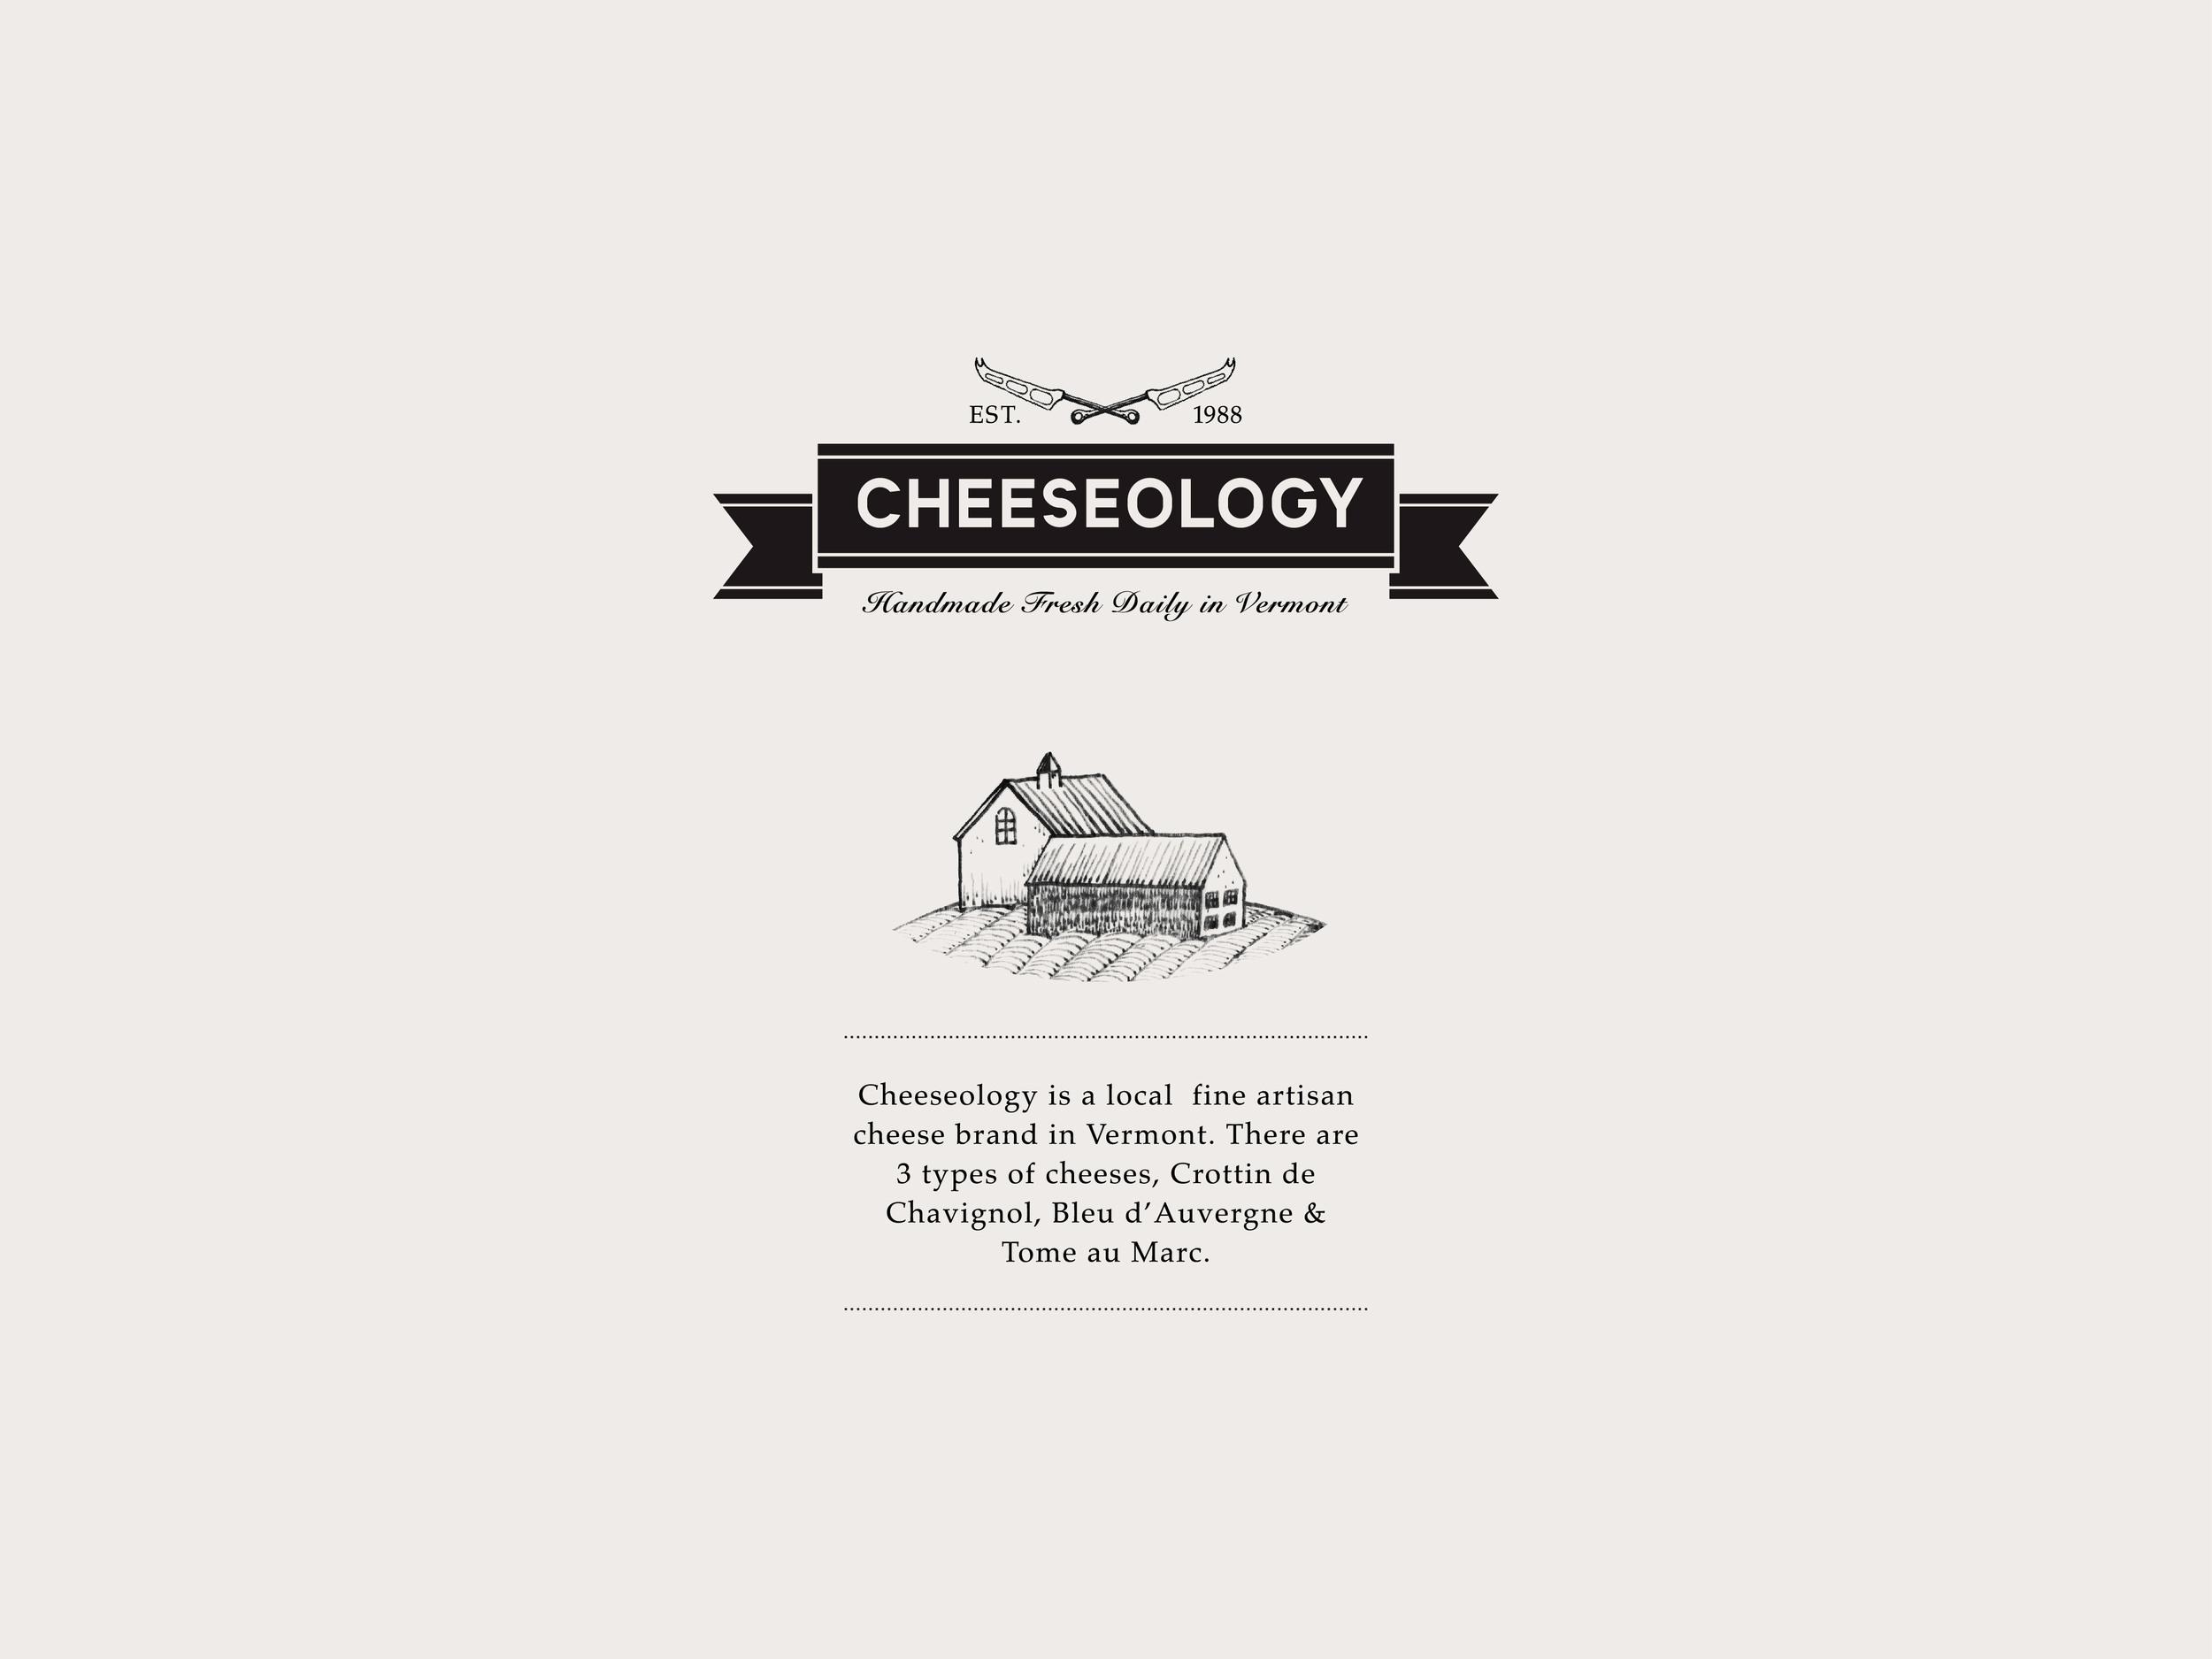 CHEESEOLOGY ipad-01.jpg